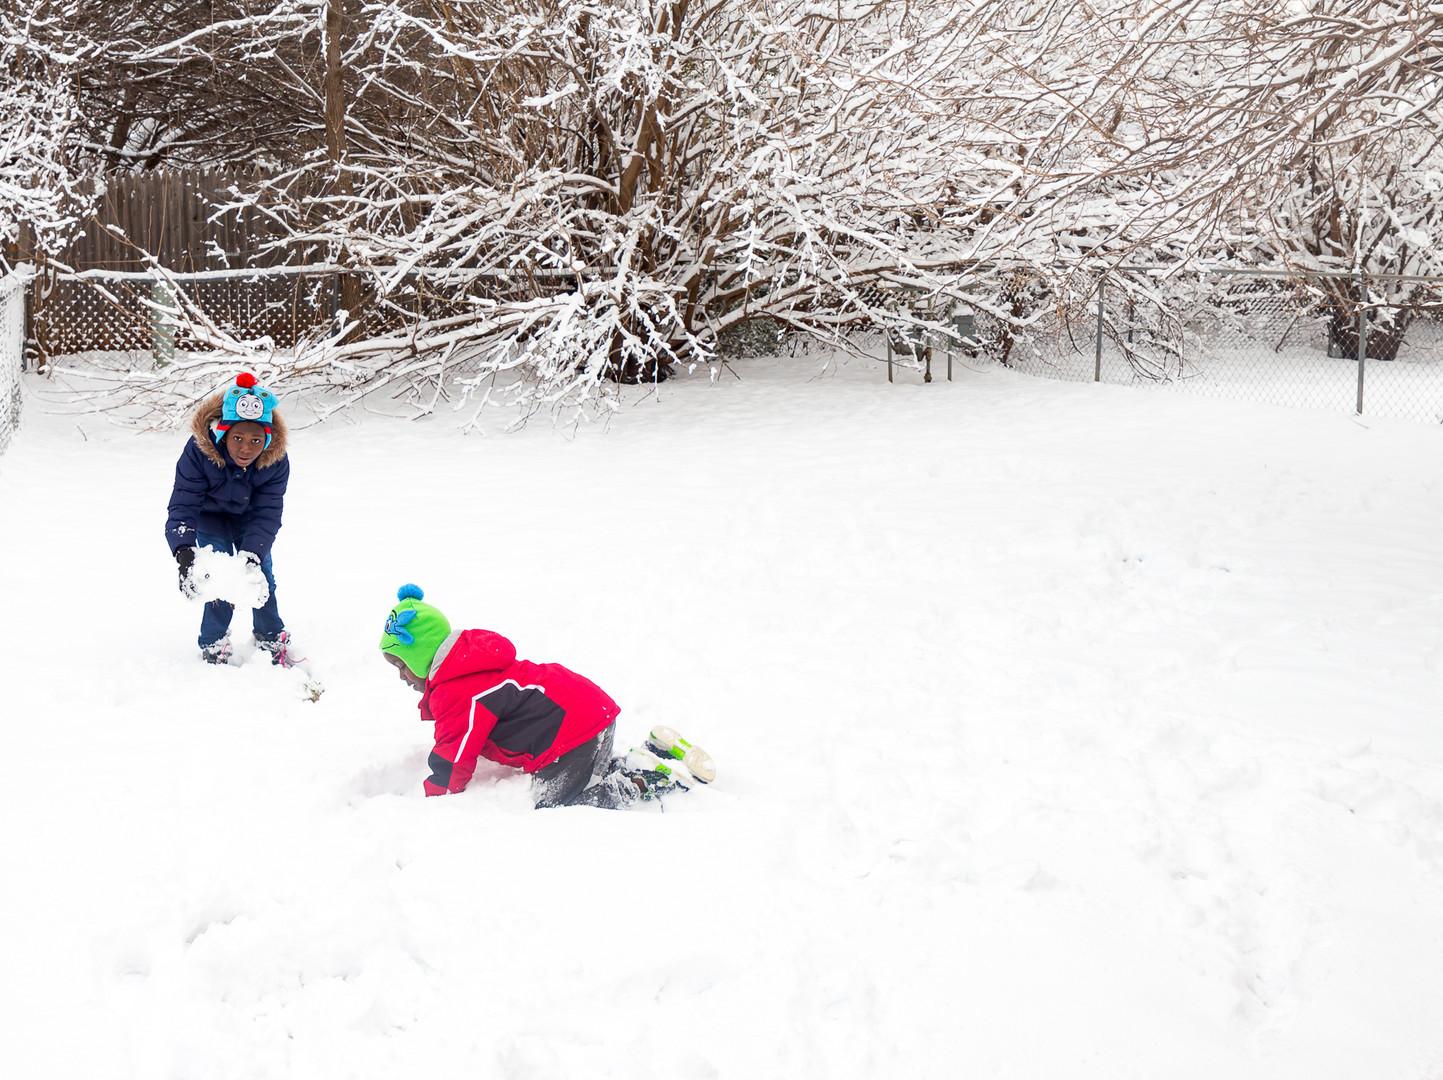 Snowy Day in OKC